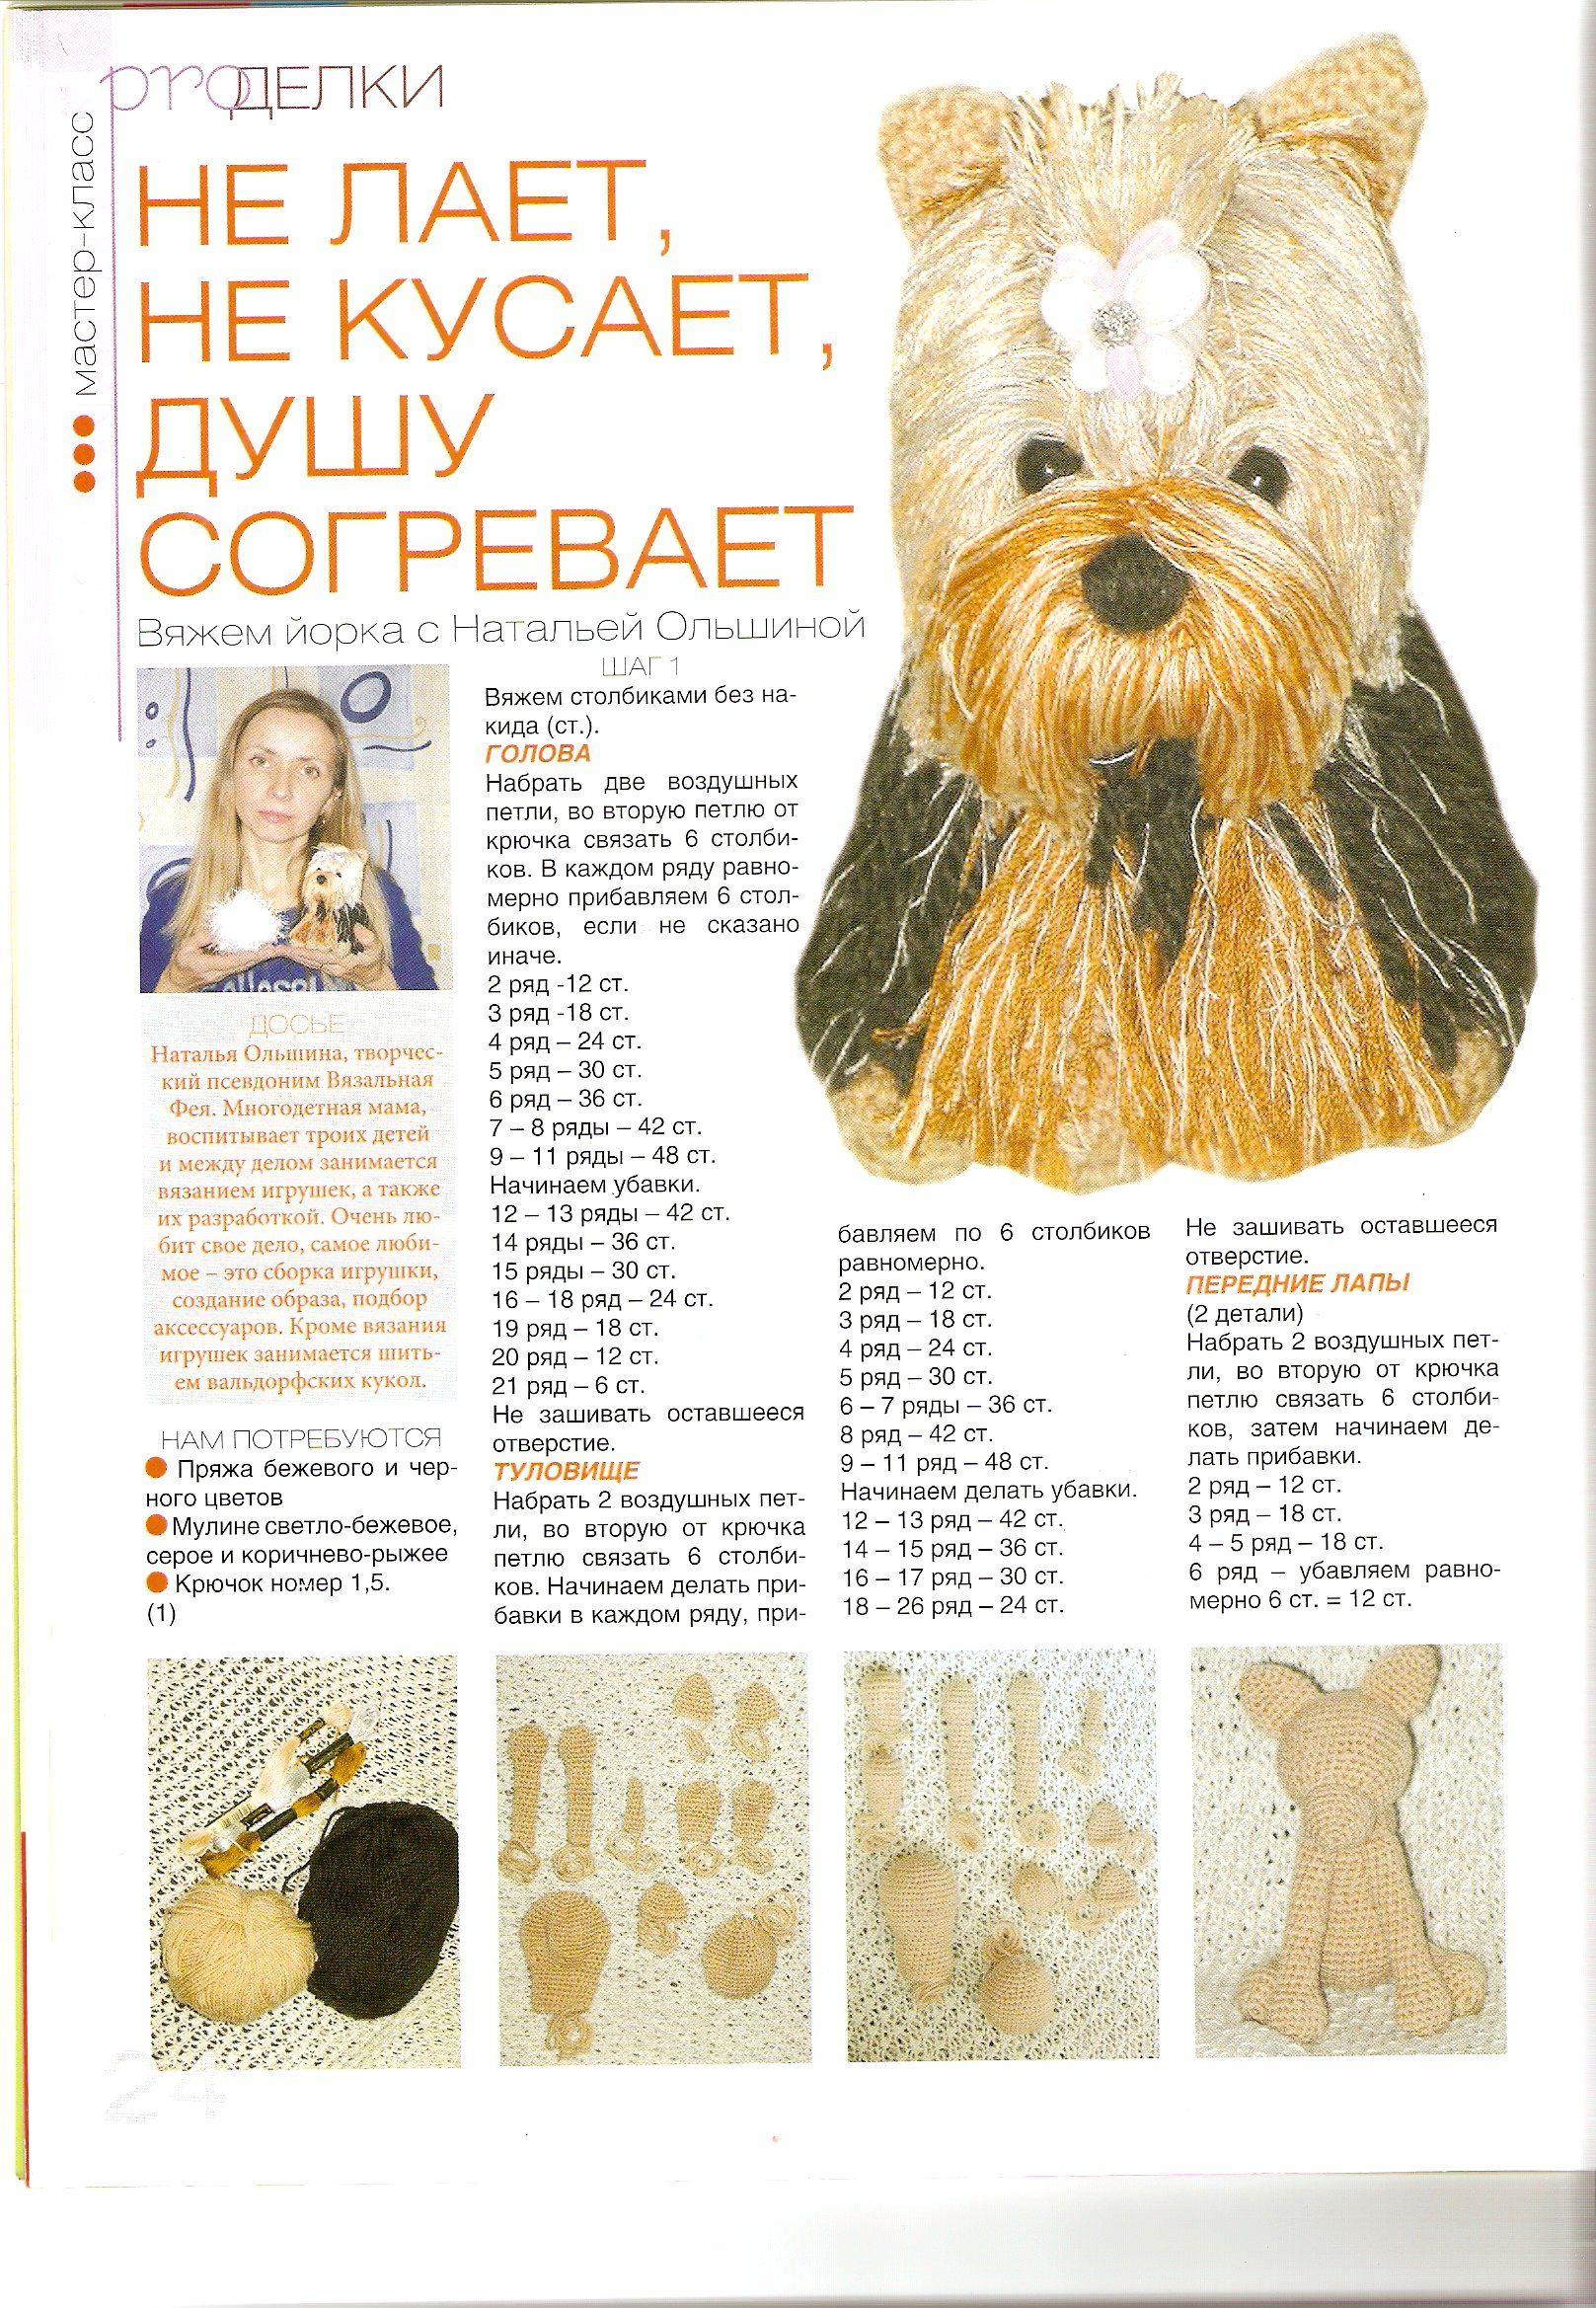 собачка крючком вязание собака вязание крючком вязание и